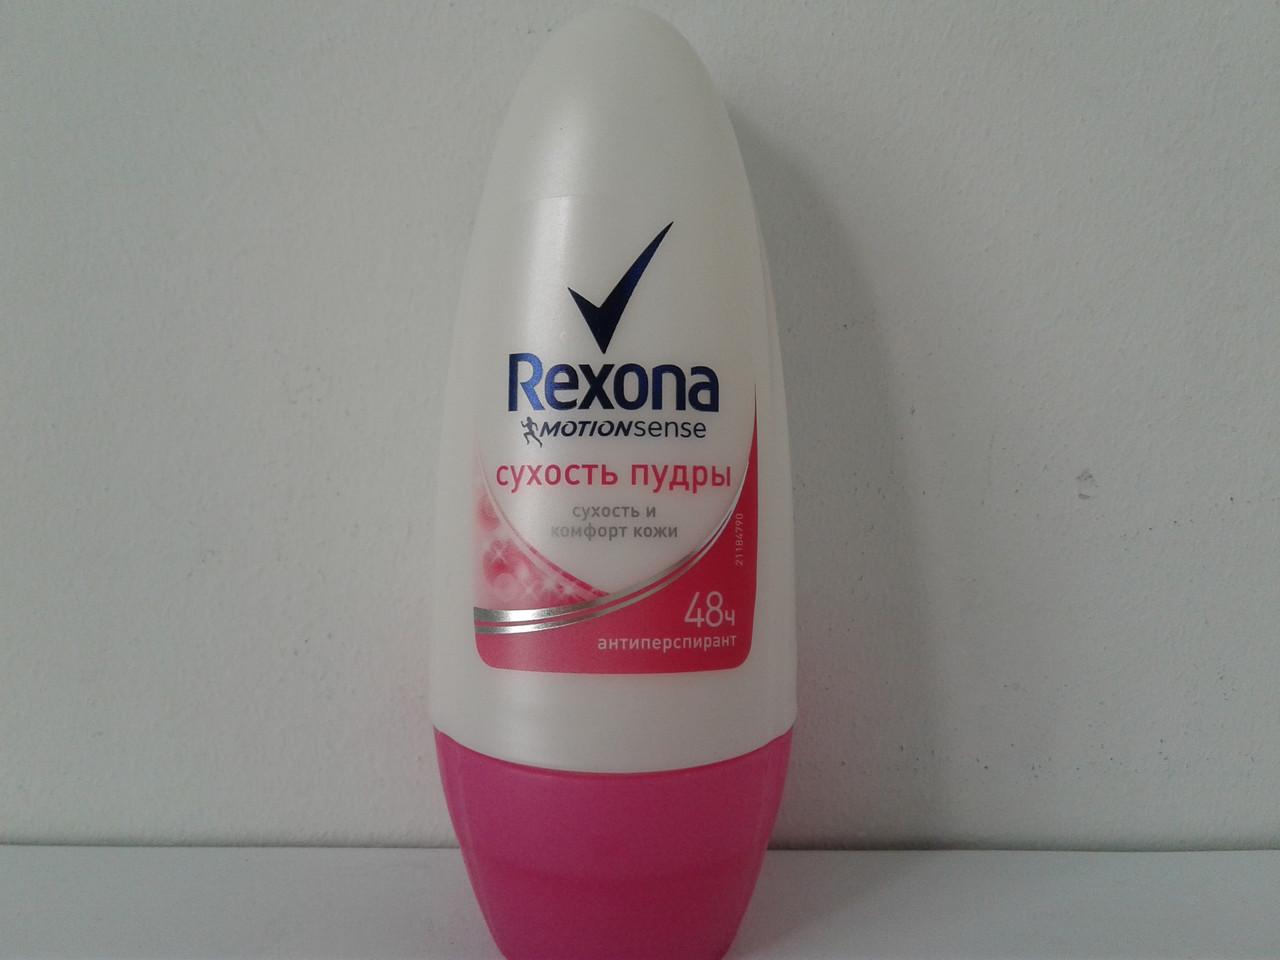 Шариковый женский дезодорант антиперспирант Rexona Сухость Пудры 50 мл.